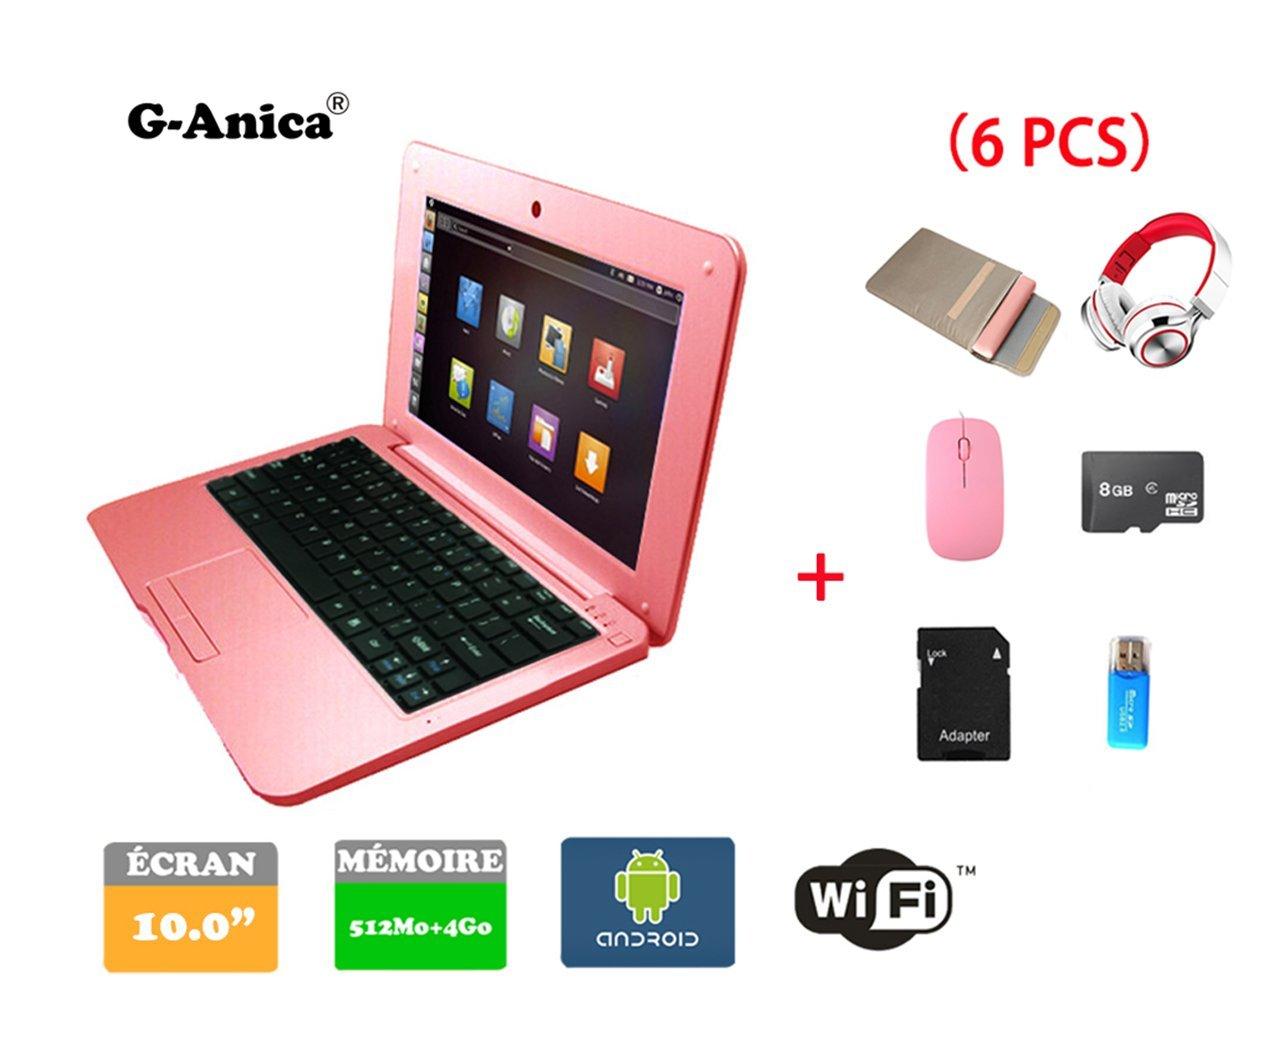 G-Anica Netbook Ordenador portátil Android 4.4.2 (WIFI, 1.5GHz 512MB de RAM, 4GB de disco duro),Bolsa de ordenador portátil+Ratón+Adaptar+Tarjeta SD+Lector ...